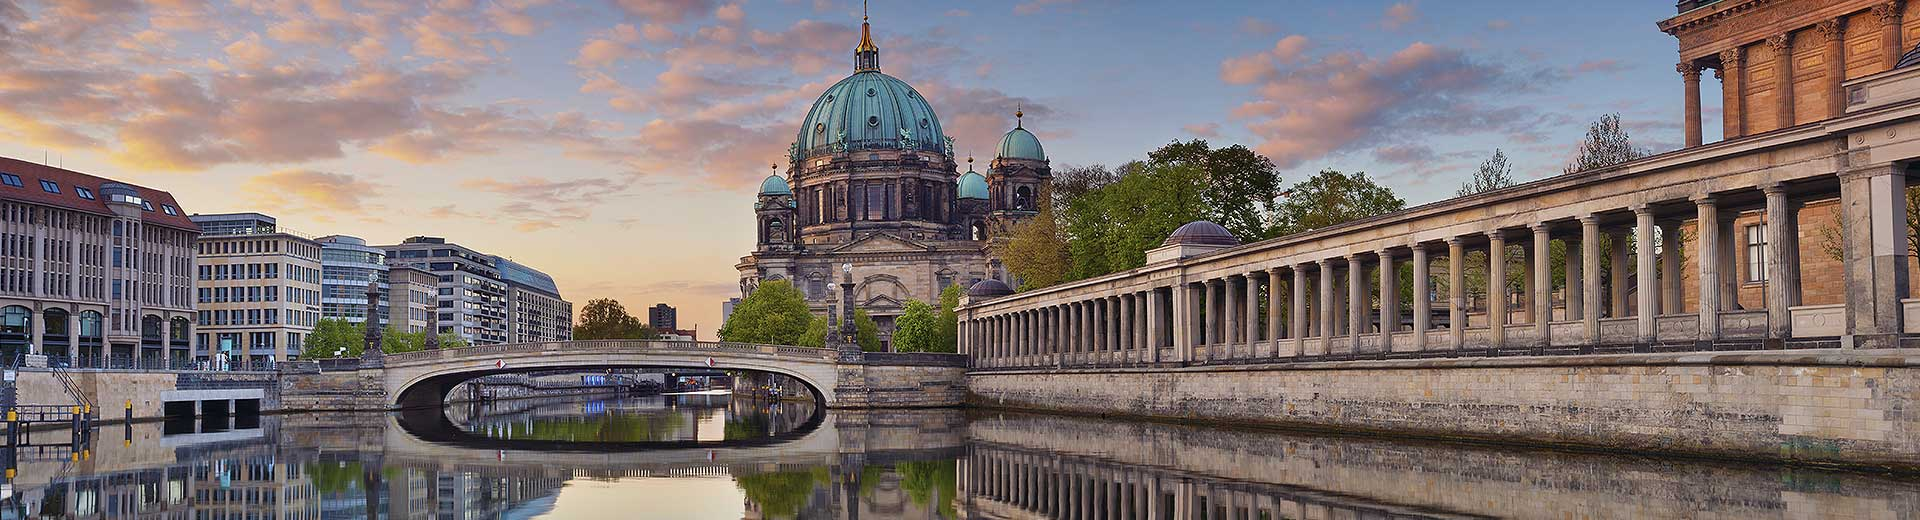 Voyages en groupe Berlin - offre économique avion